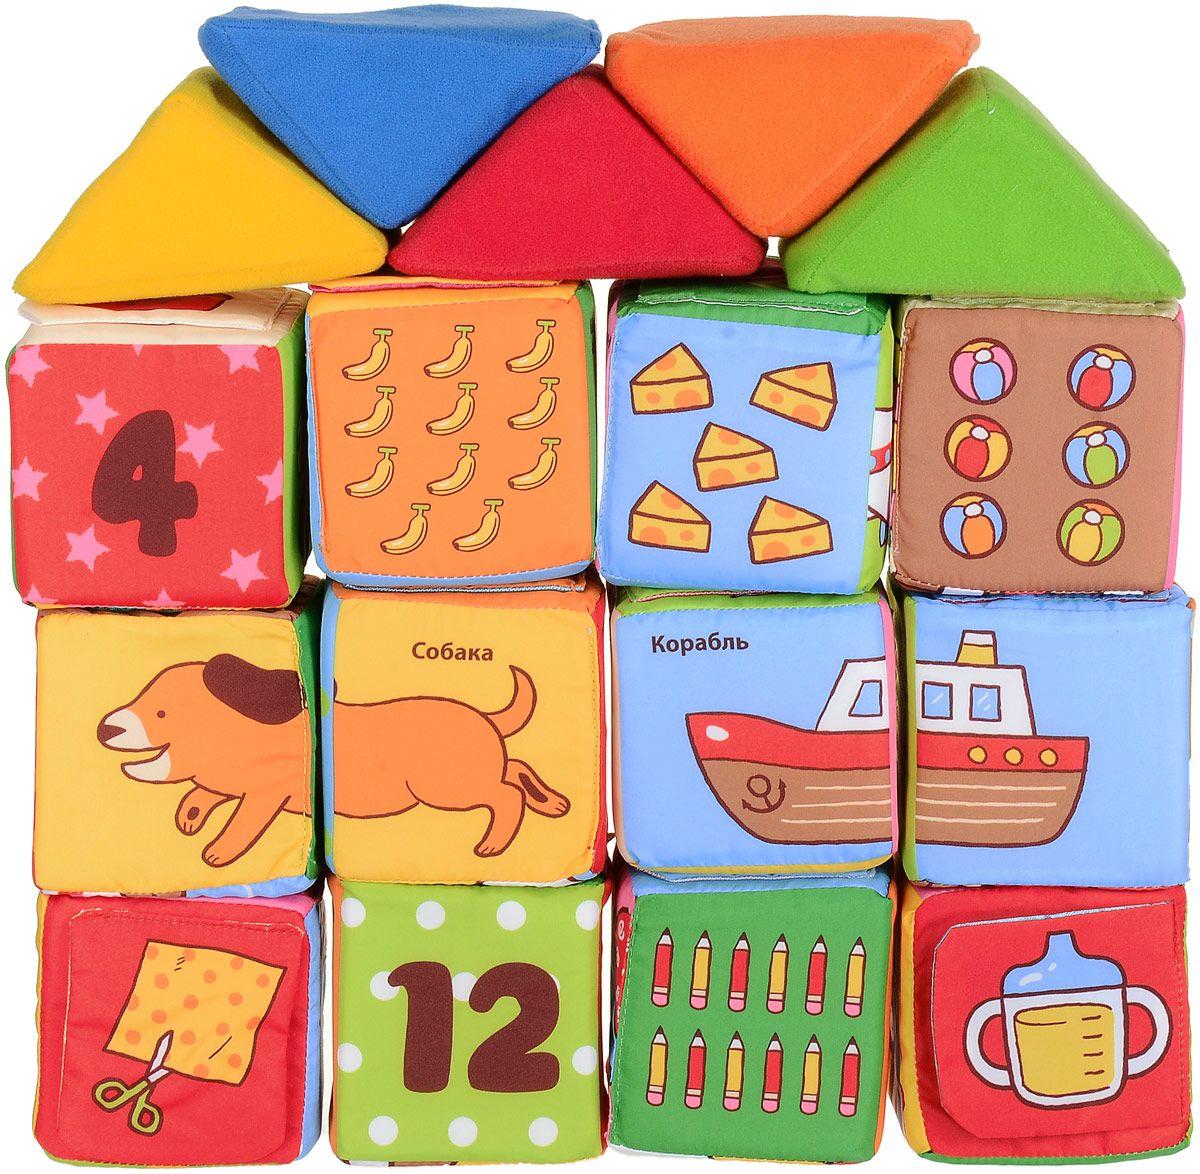 кубики отлично развивают пространственное мышление